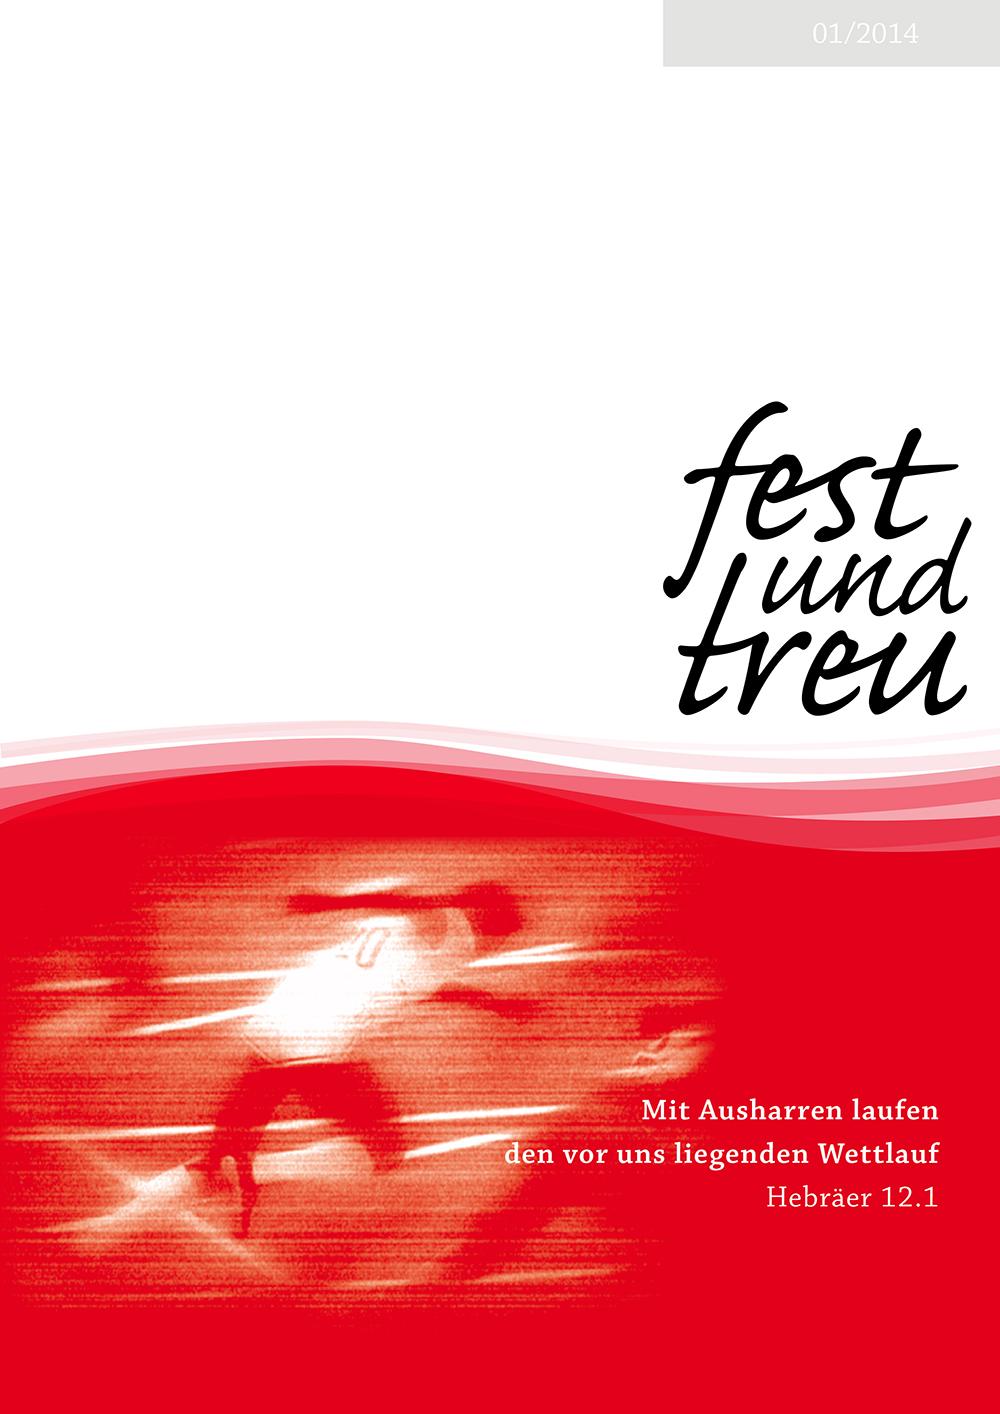 CLV_fest-treu-1-2014_2551401_1